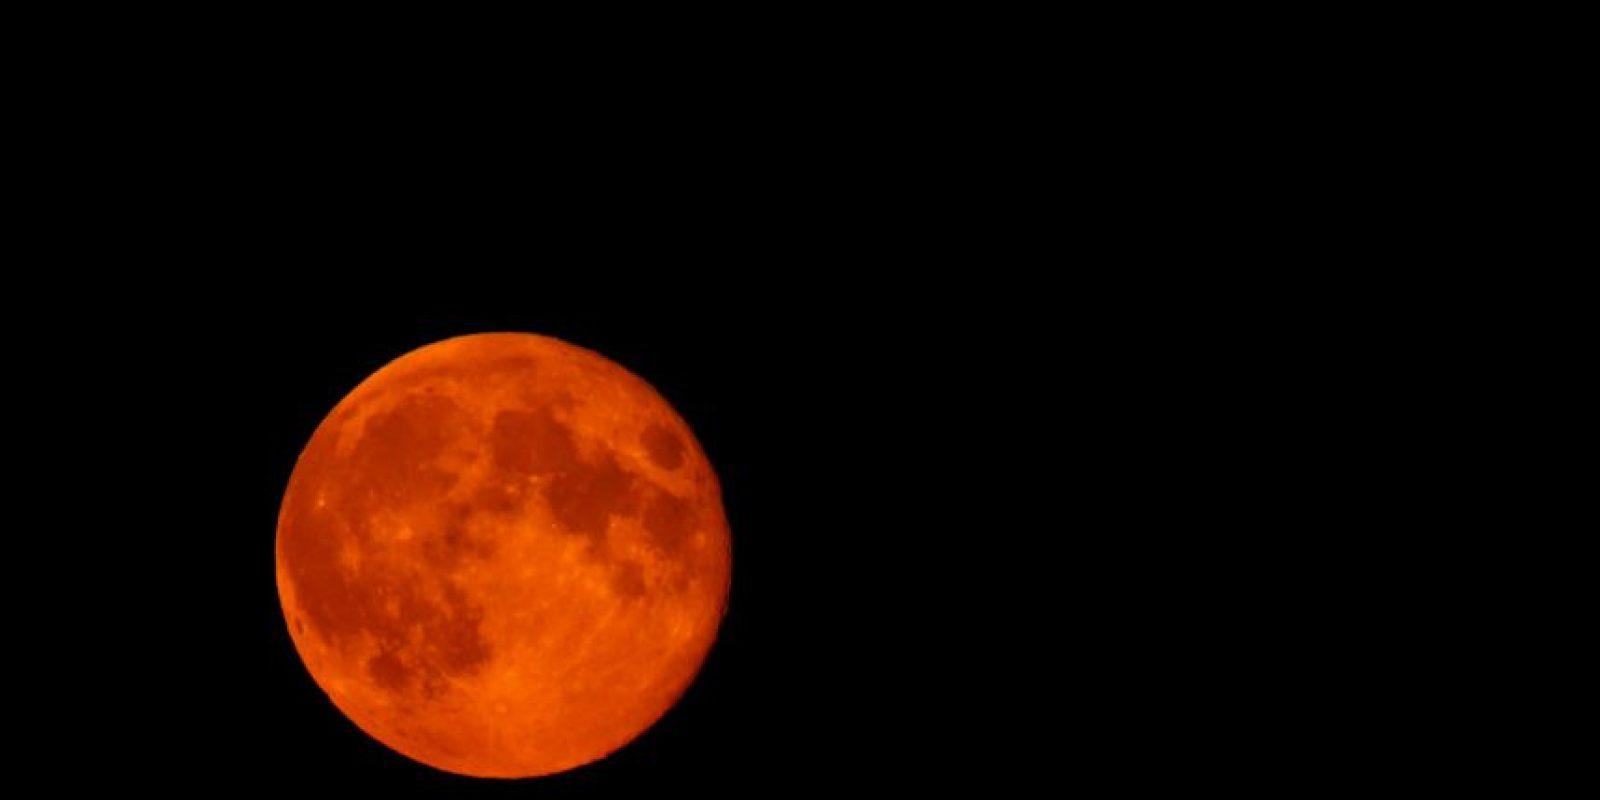 """El evento es conocido como """"Luna de sangre"""" o """"Luna roja"""" Foto:Getty Images"""